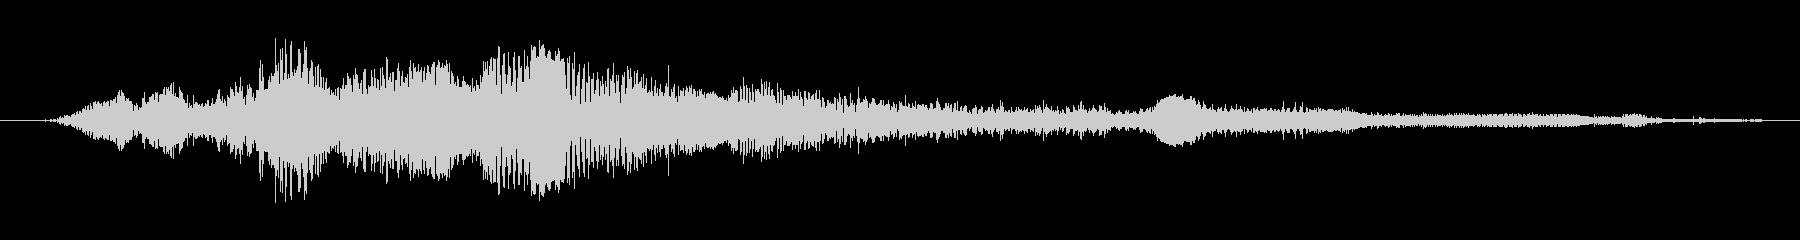 モンスター デススクリームハイ13の未再生の波形